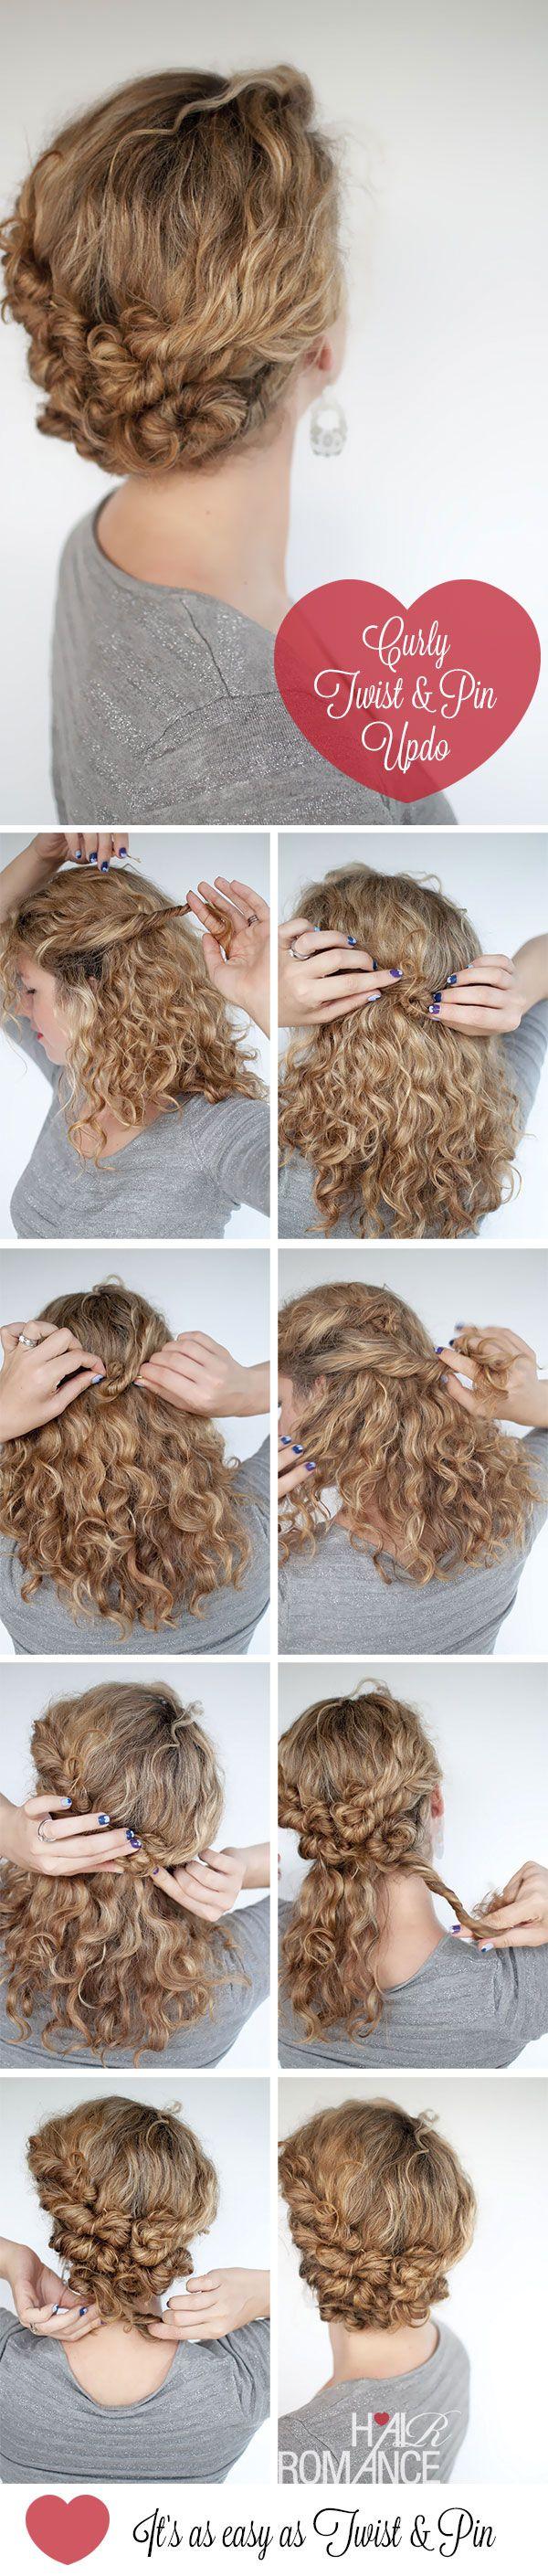 hair tutorials hair romance curly twist pin hairstyle